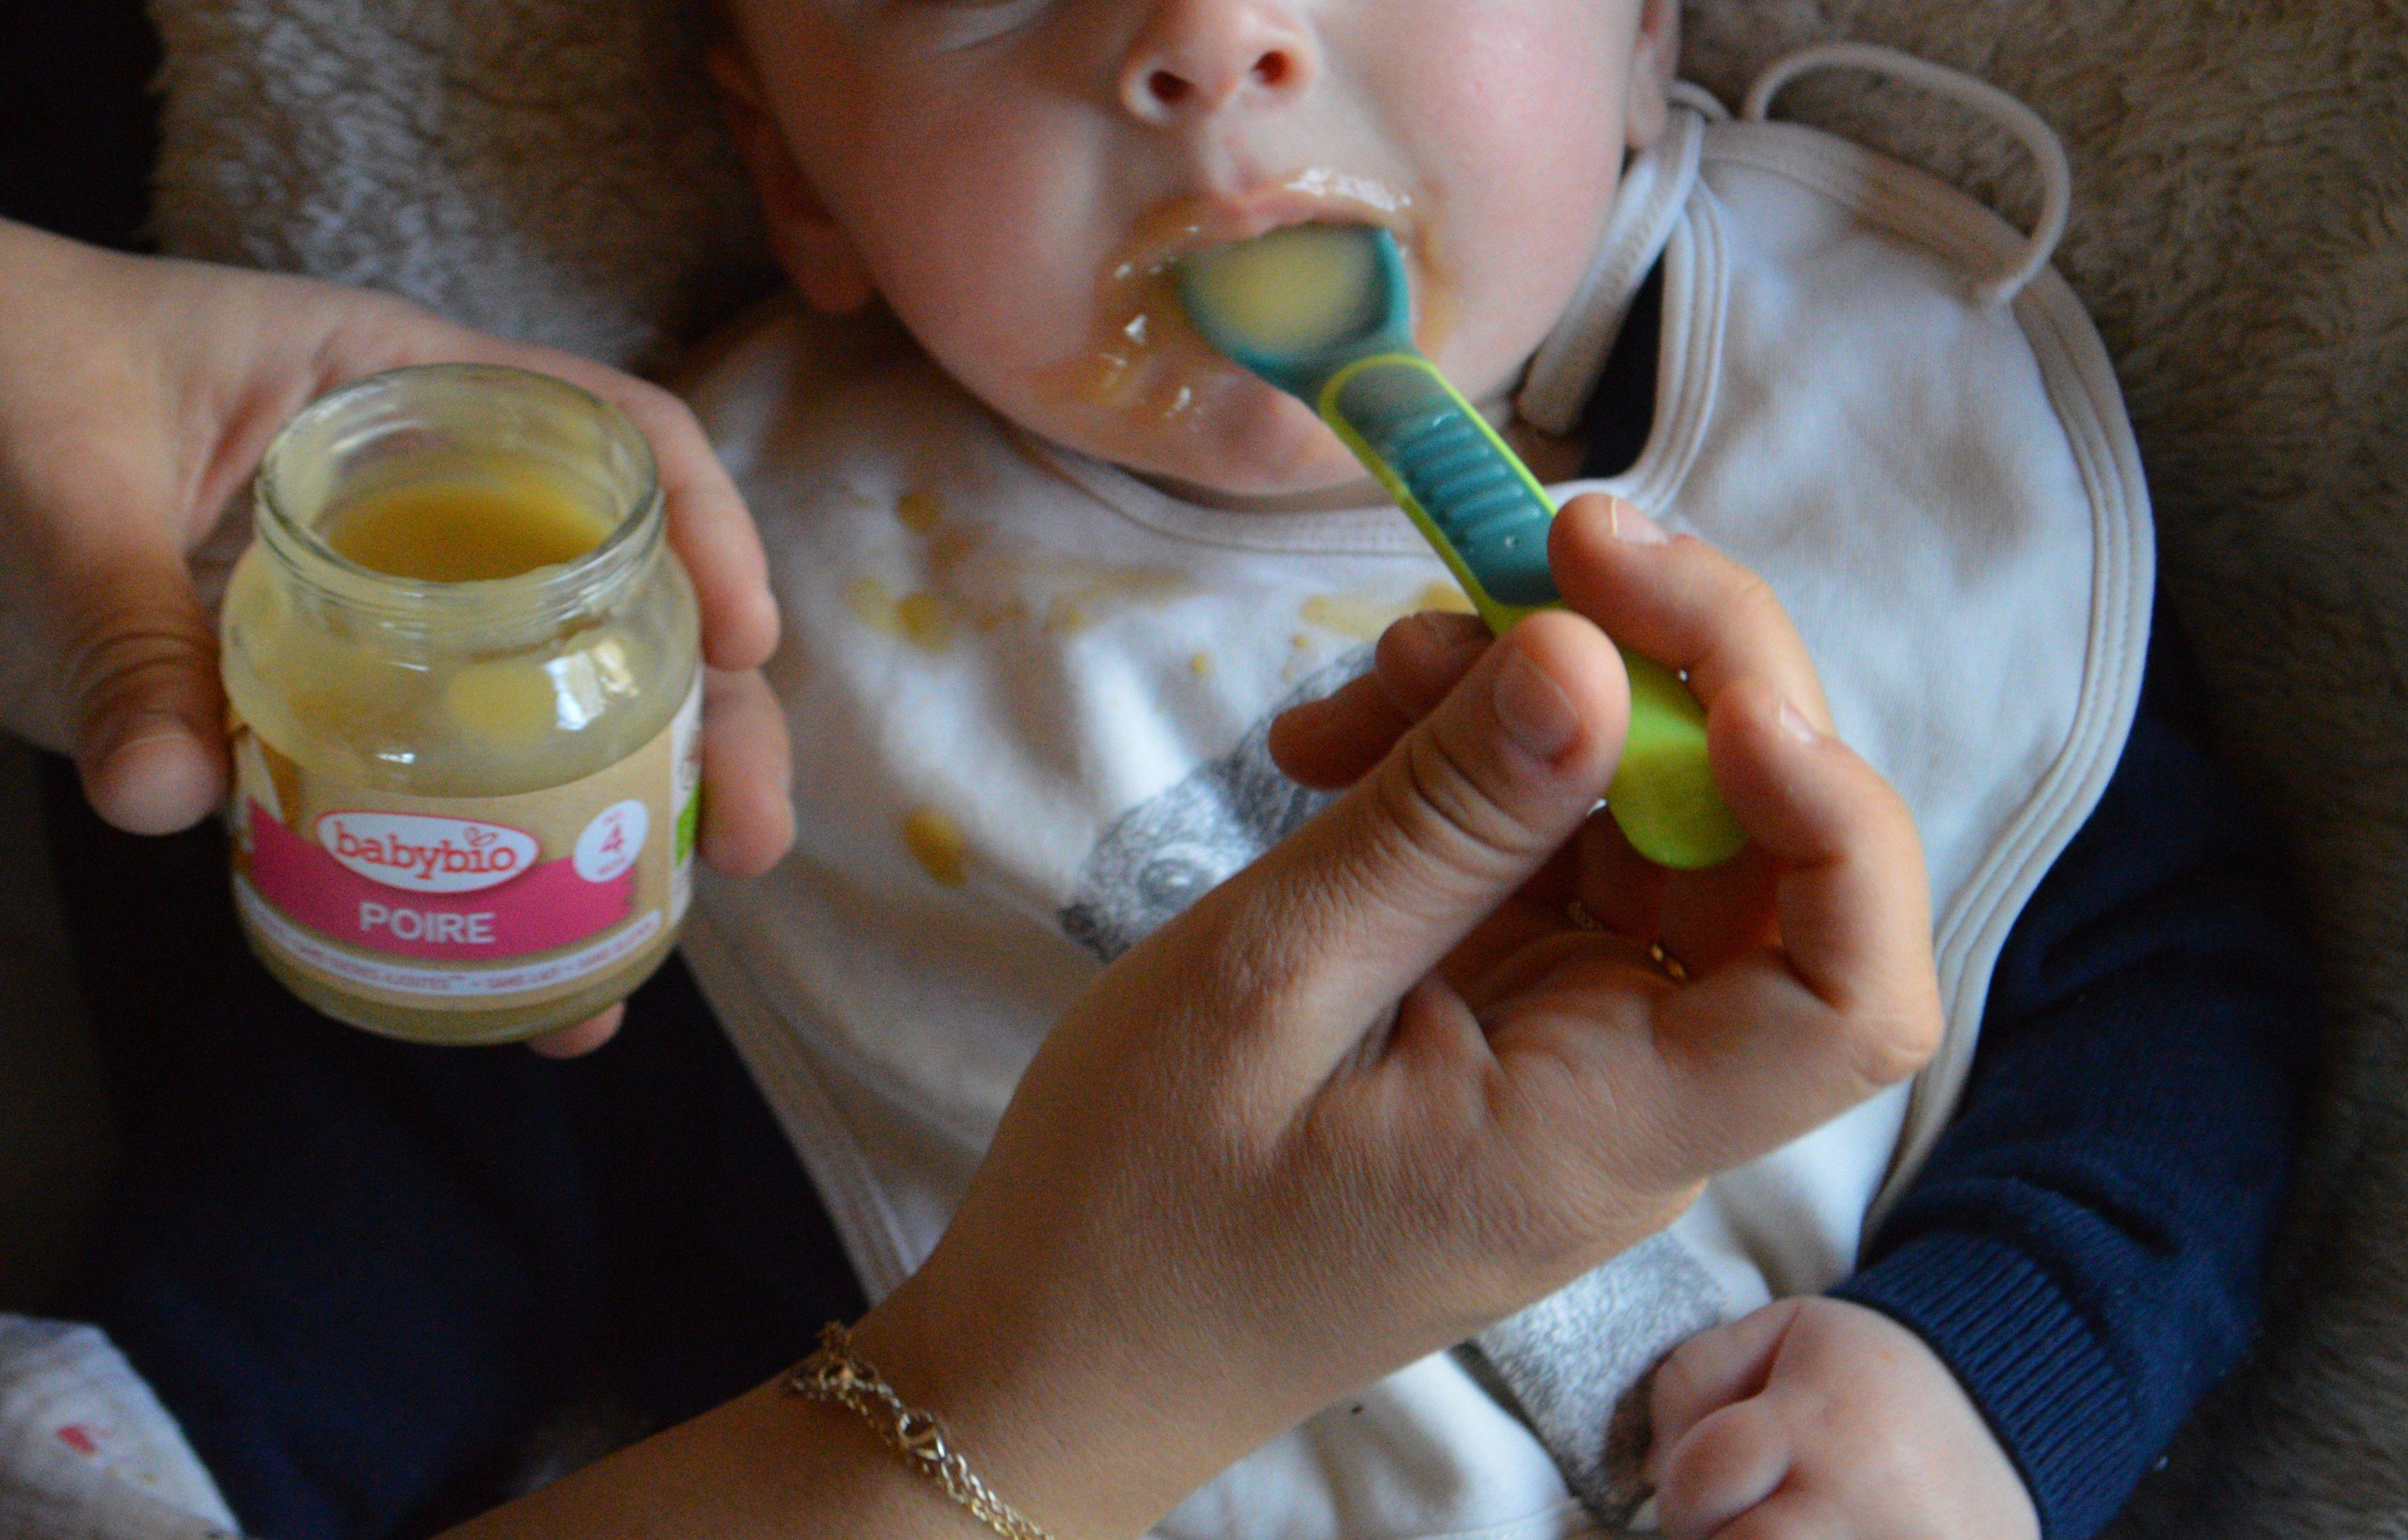 compote de poire Baby Bio